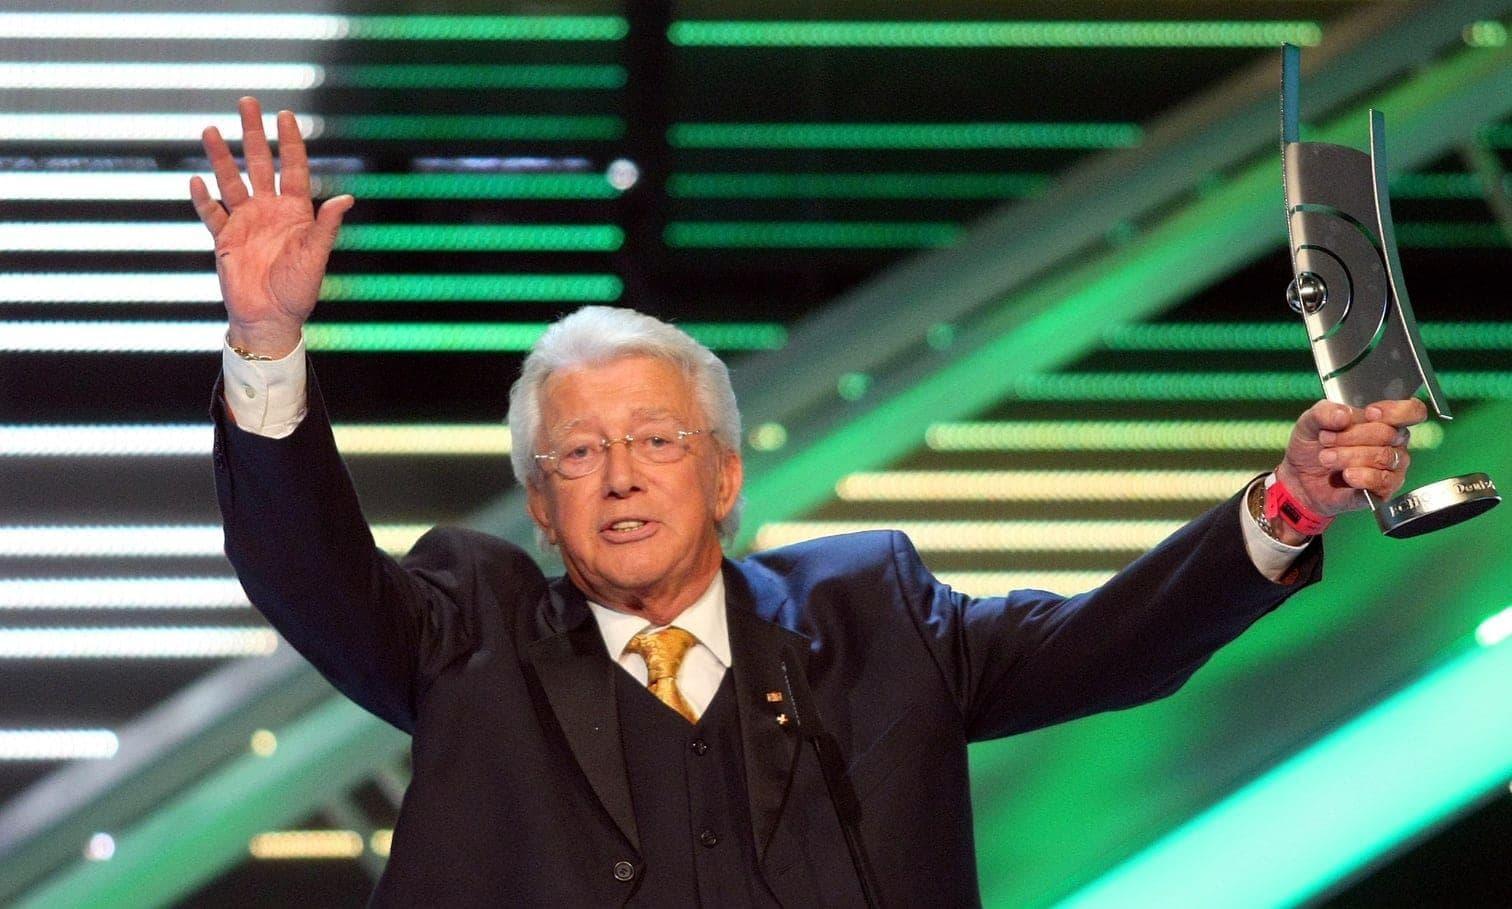 """<p>Der italienische Filmemacher <strong>Bernardo Bertolucci</strong> ist tot. Das bestätigte das Pressebüro des Regisseurs in einer E-Mail. Bertolucci starb am 26. November im Alter von 77 Jahren im Beisein seiner Familie in seinem Haus in Rom.&nbsp;Filme wie """"Der letzte Kaiser&ldquo; und """"Der letzte Tango in Paris&ldquo; hatten ihn weltweit bekannt gemacht.</p> Foto: AFP"""